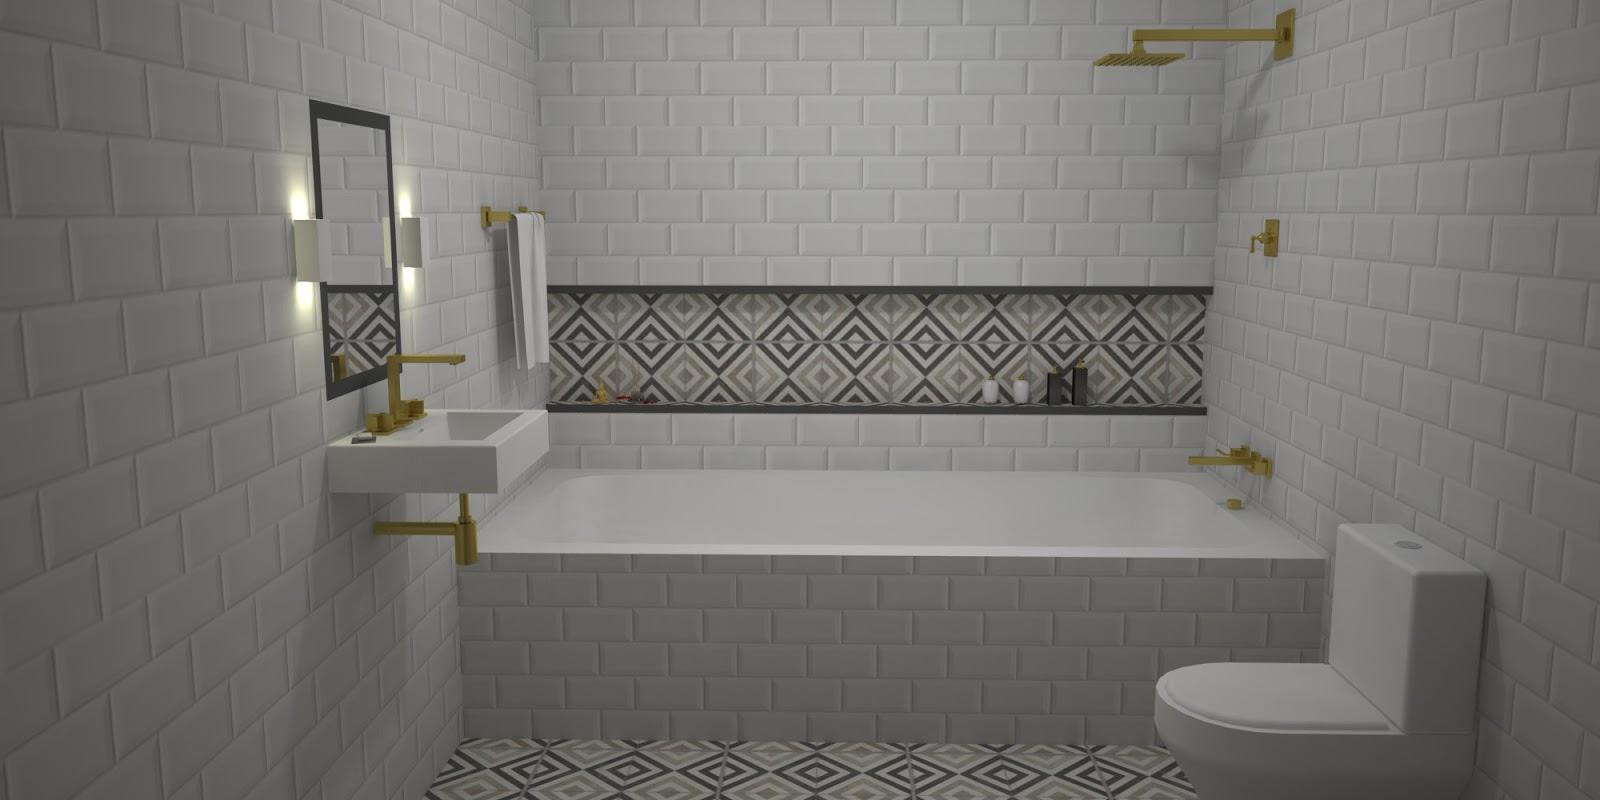 JCasagrande Arquitetura e Interiores #575349 1600x800 Arquitetura Piso Banheiro